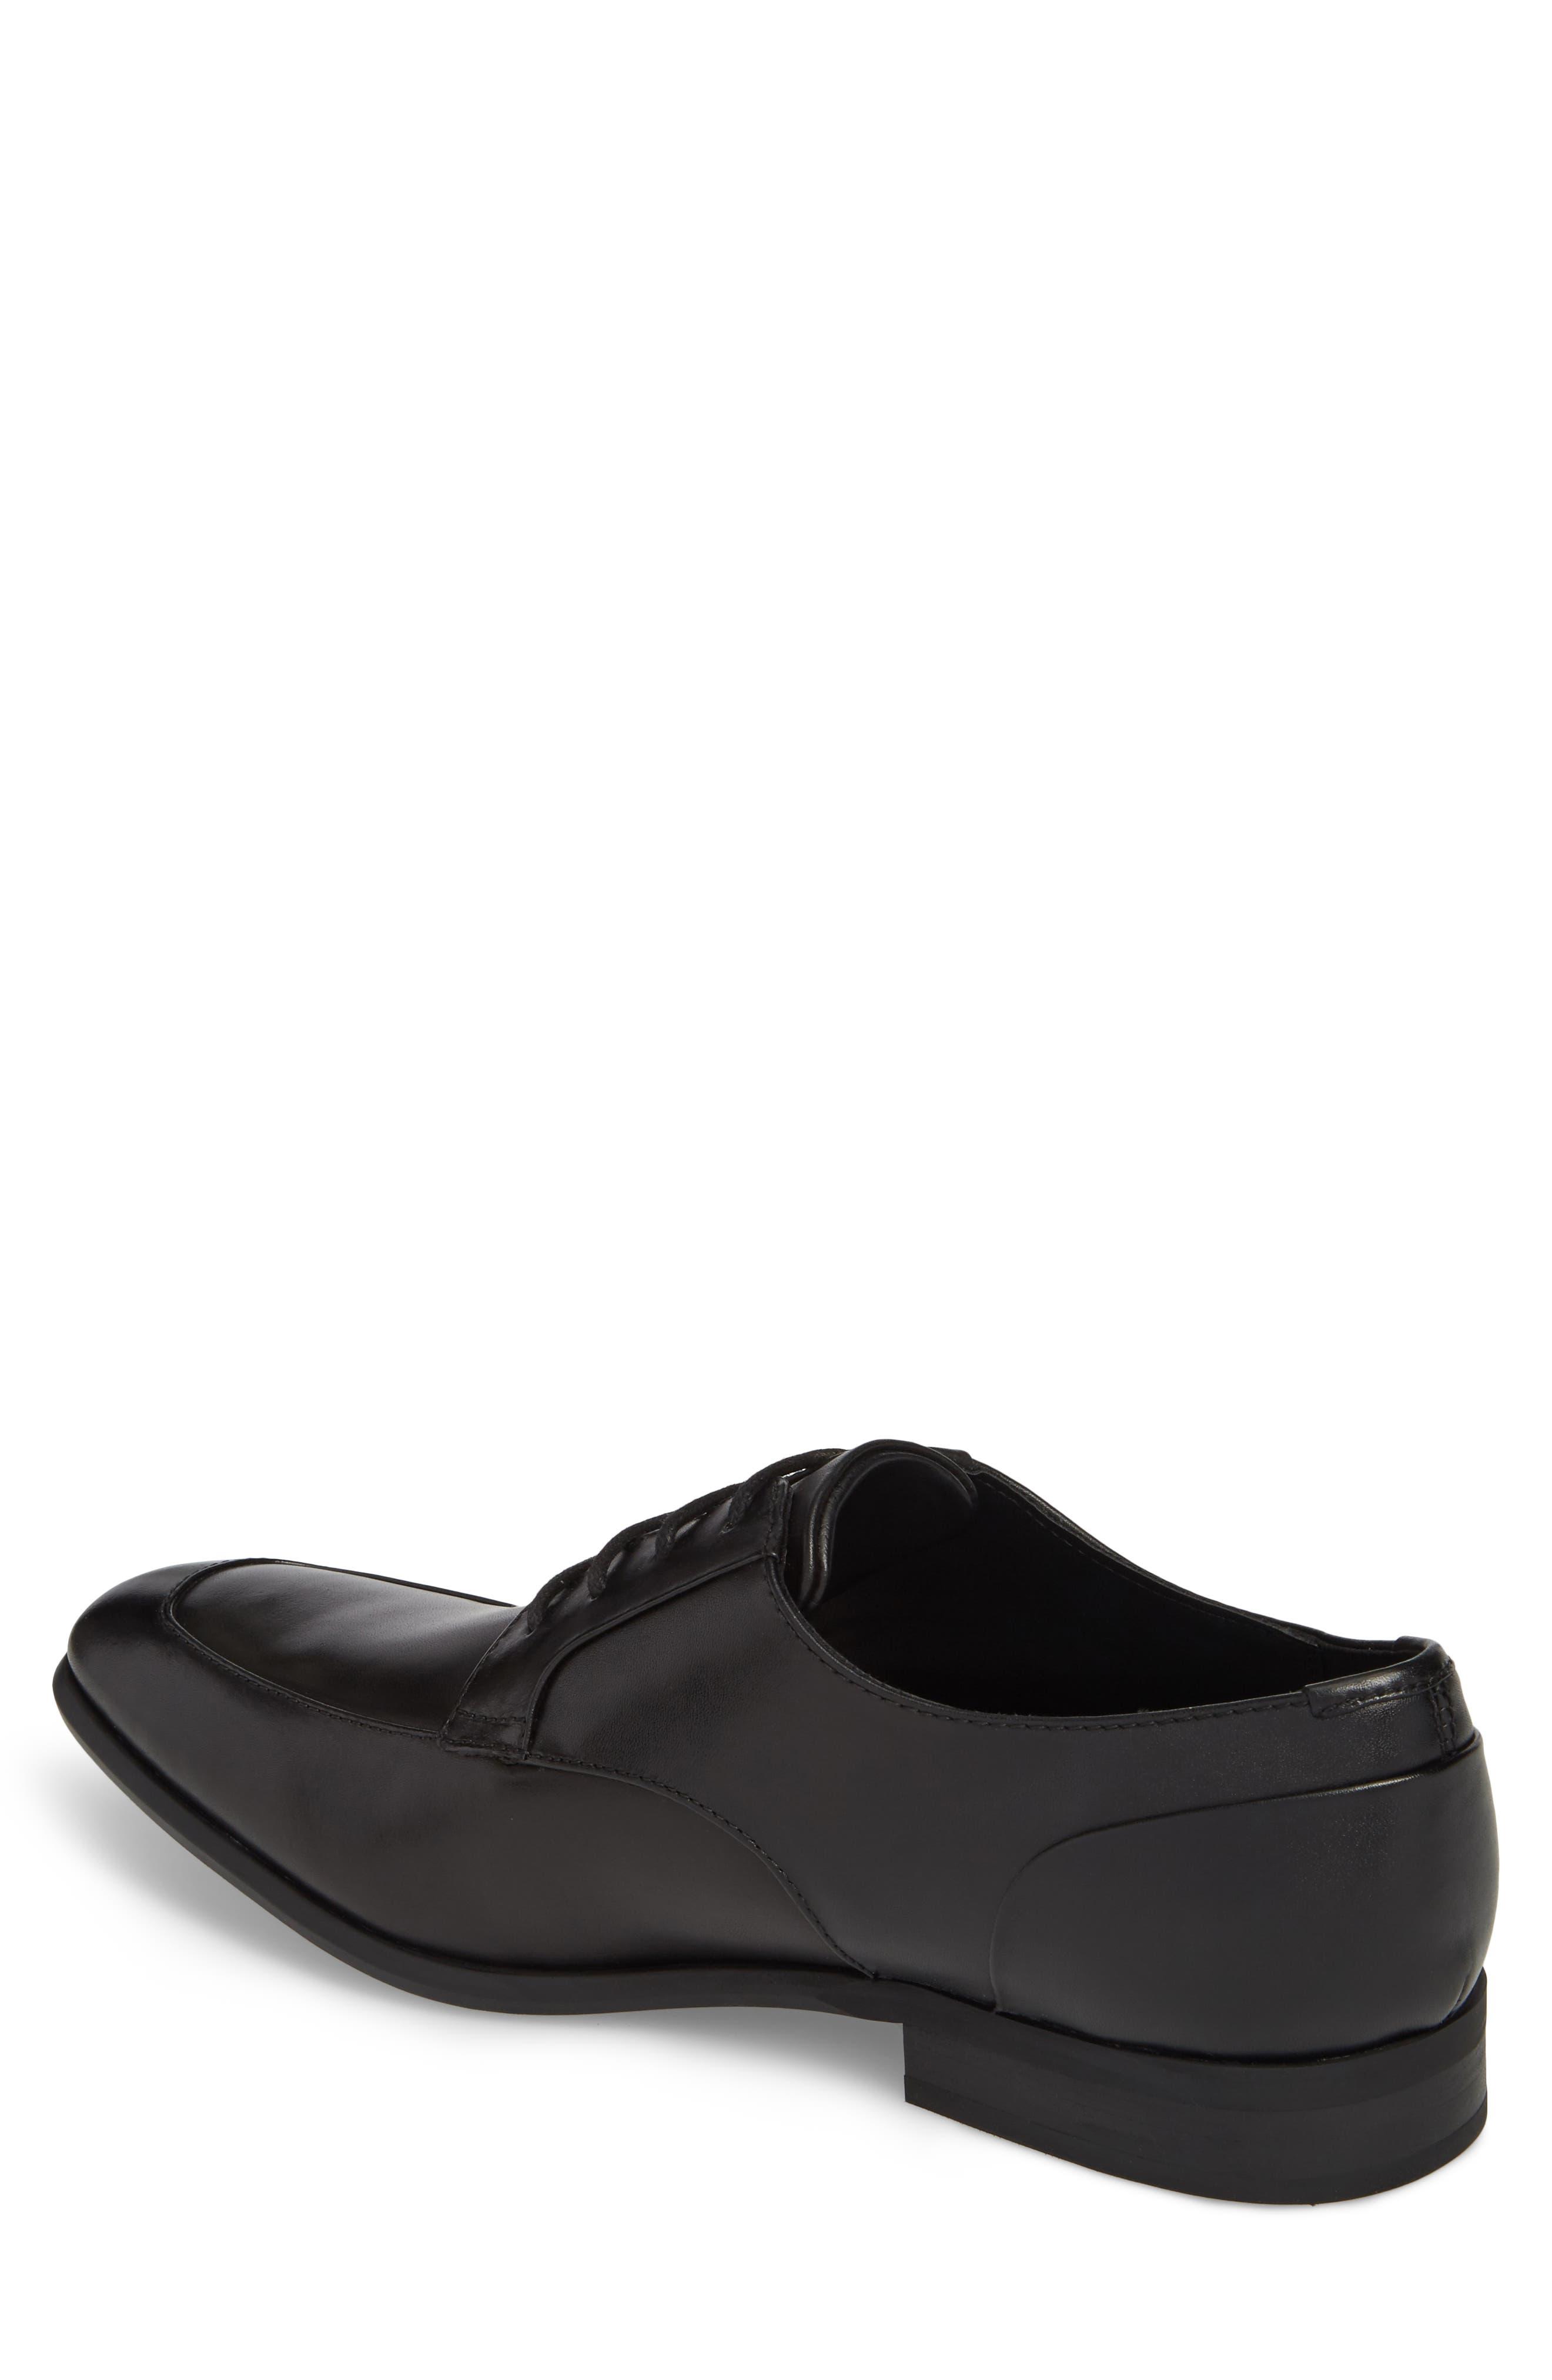 Lazarus Apron Toe Derby,                             Alternate thumbnail 2, color,                             Black Leather